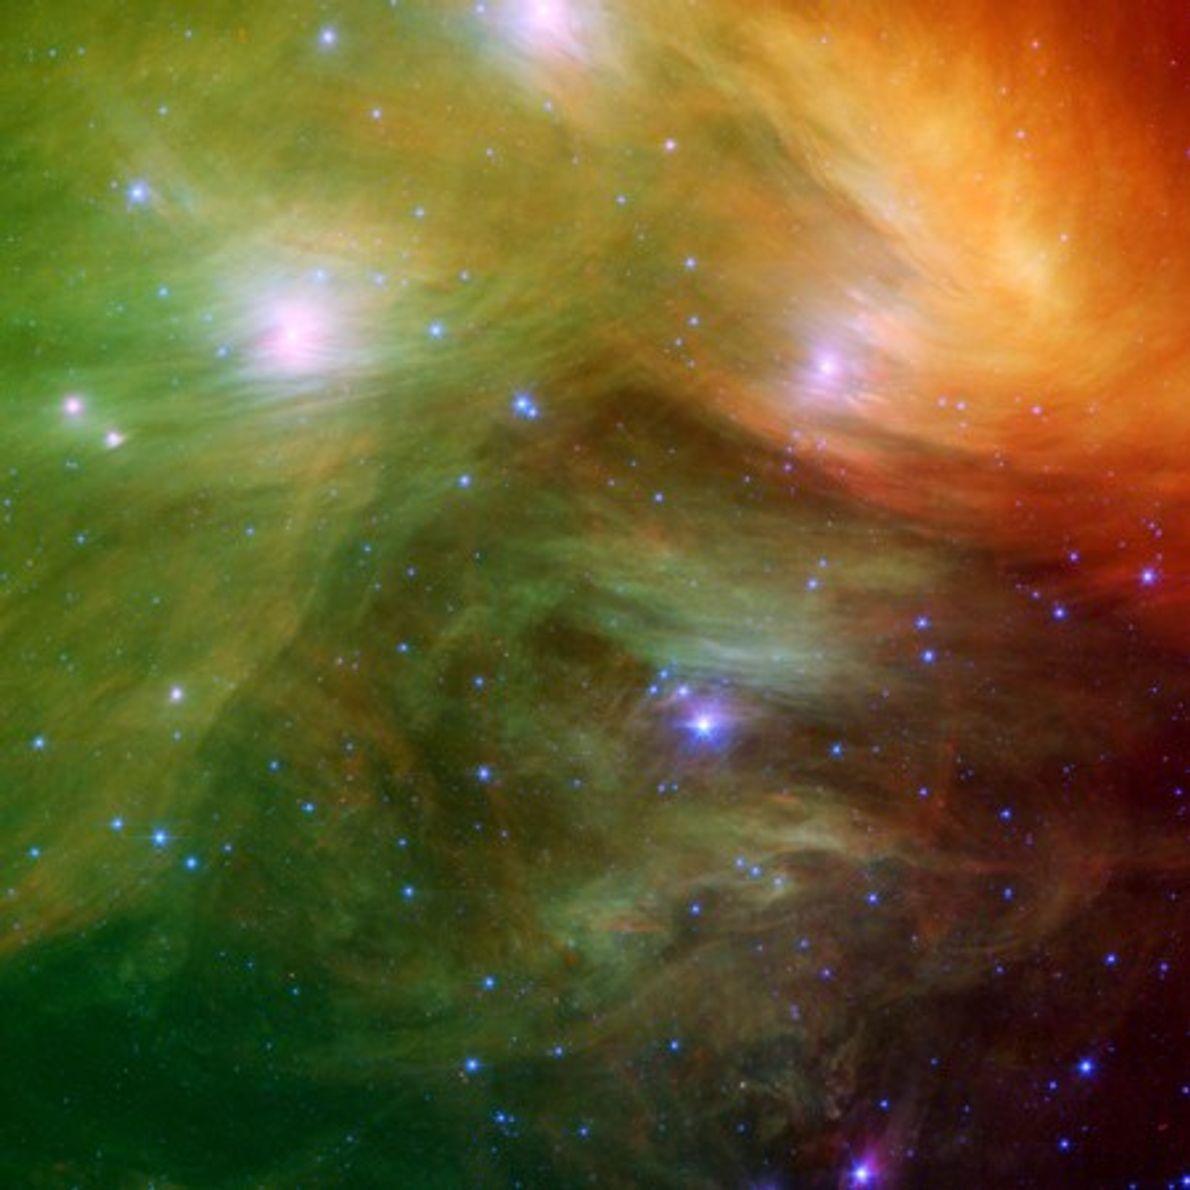 PLÉYADES - Una imagen infrarroja revela nubes de polvo envolviendo las estrellas de las Siete Hermanas, ...